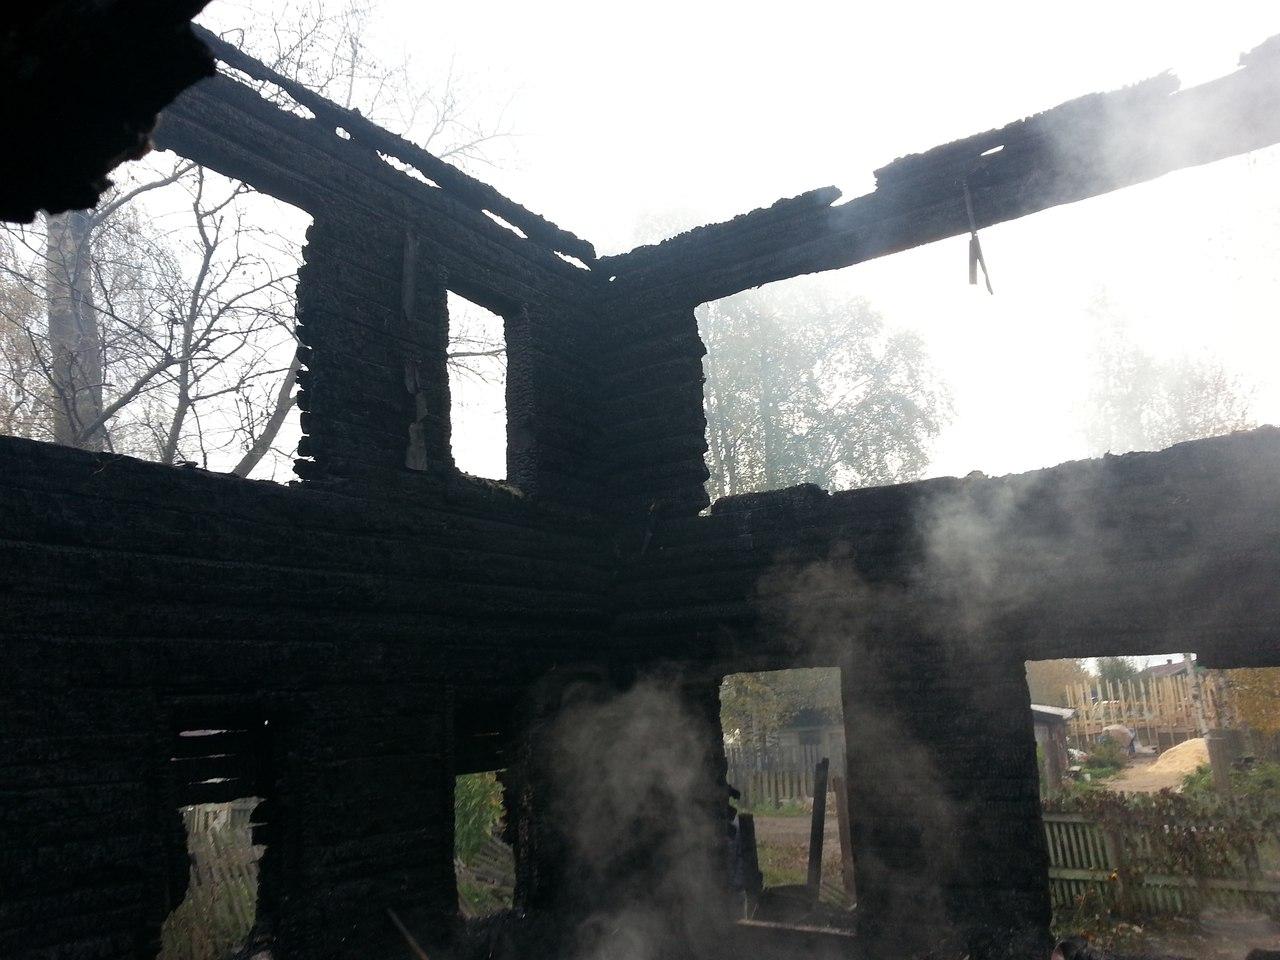 Спасаясь от пожара в вологодской деревне, люди вылезали через окна